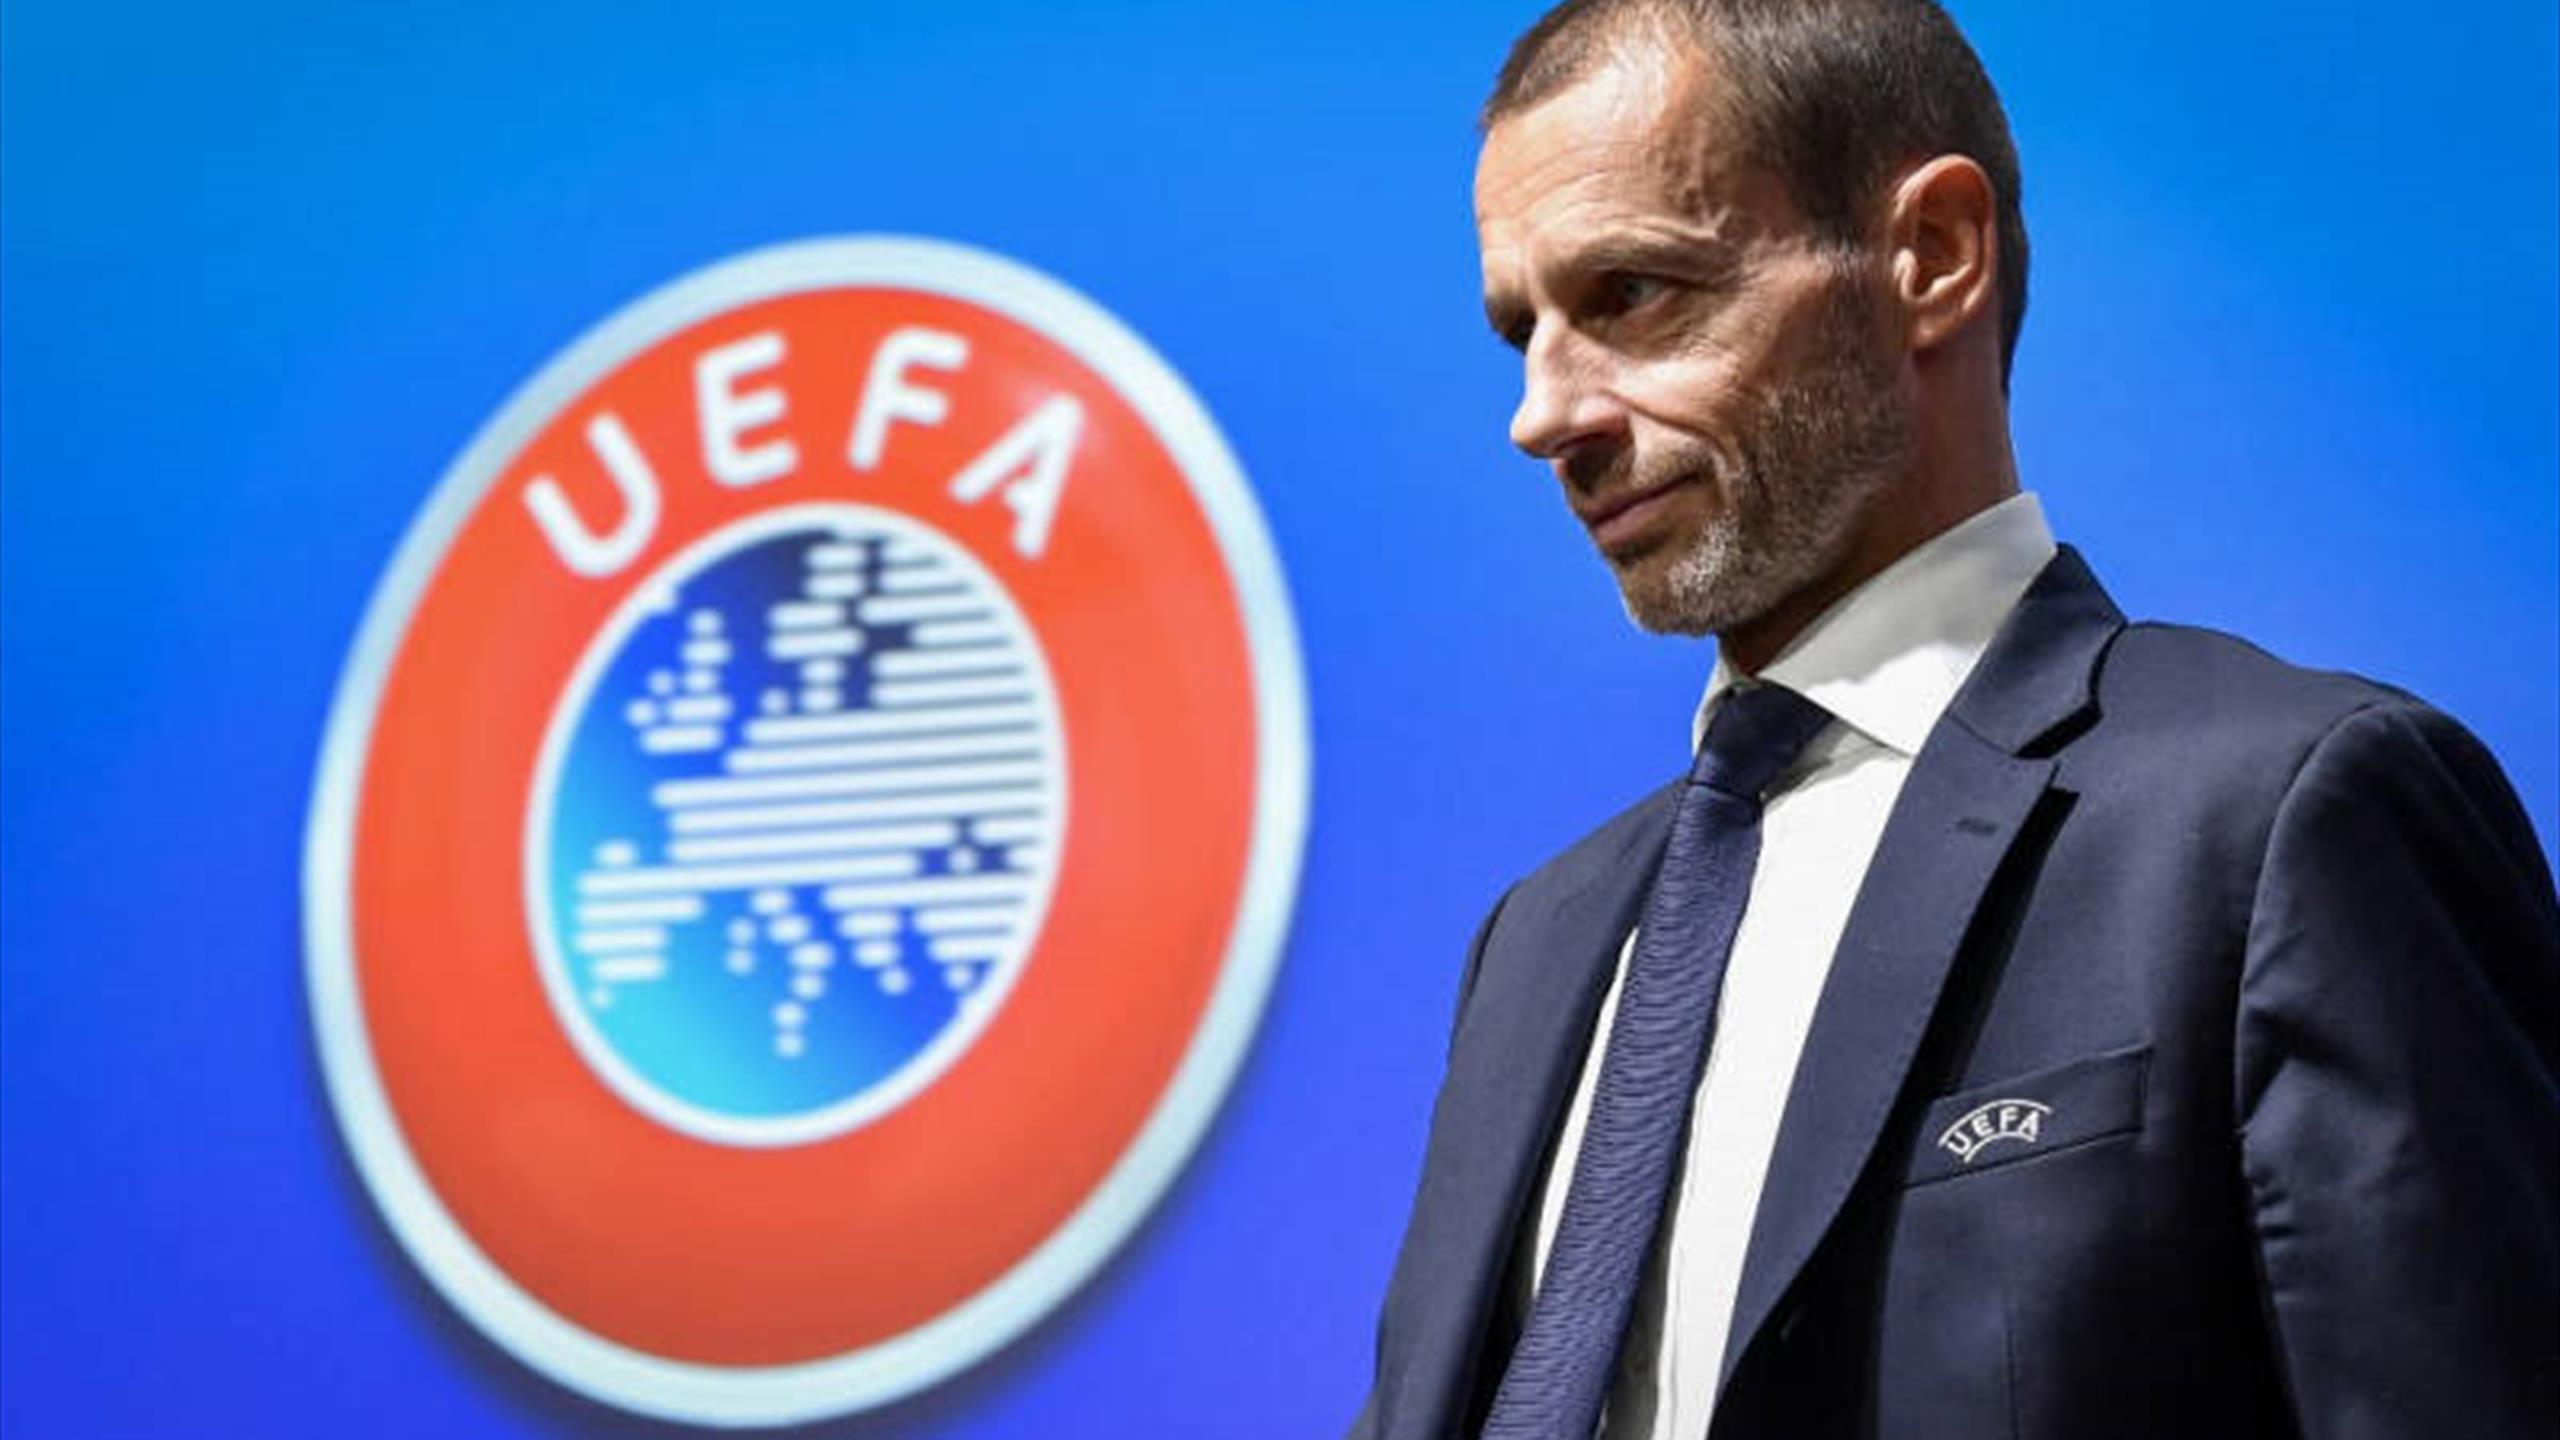 L'UEFA pressée par la justice pour lever les sanctions contre les fondateurs de la Super Ligue